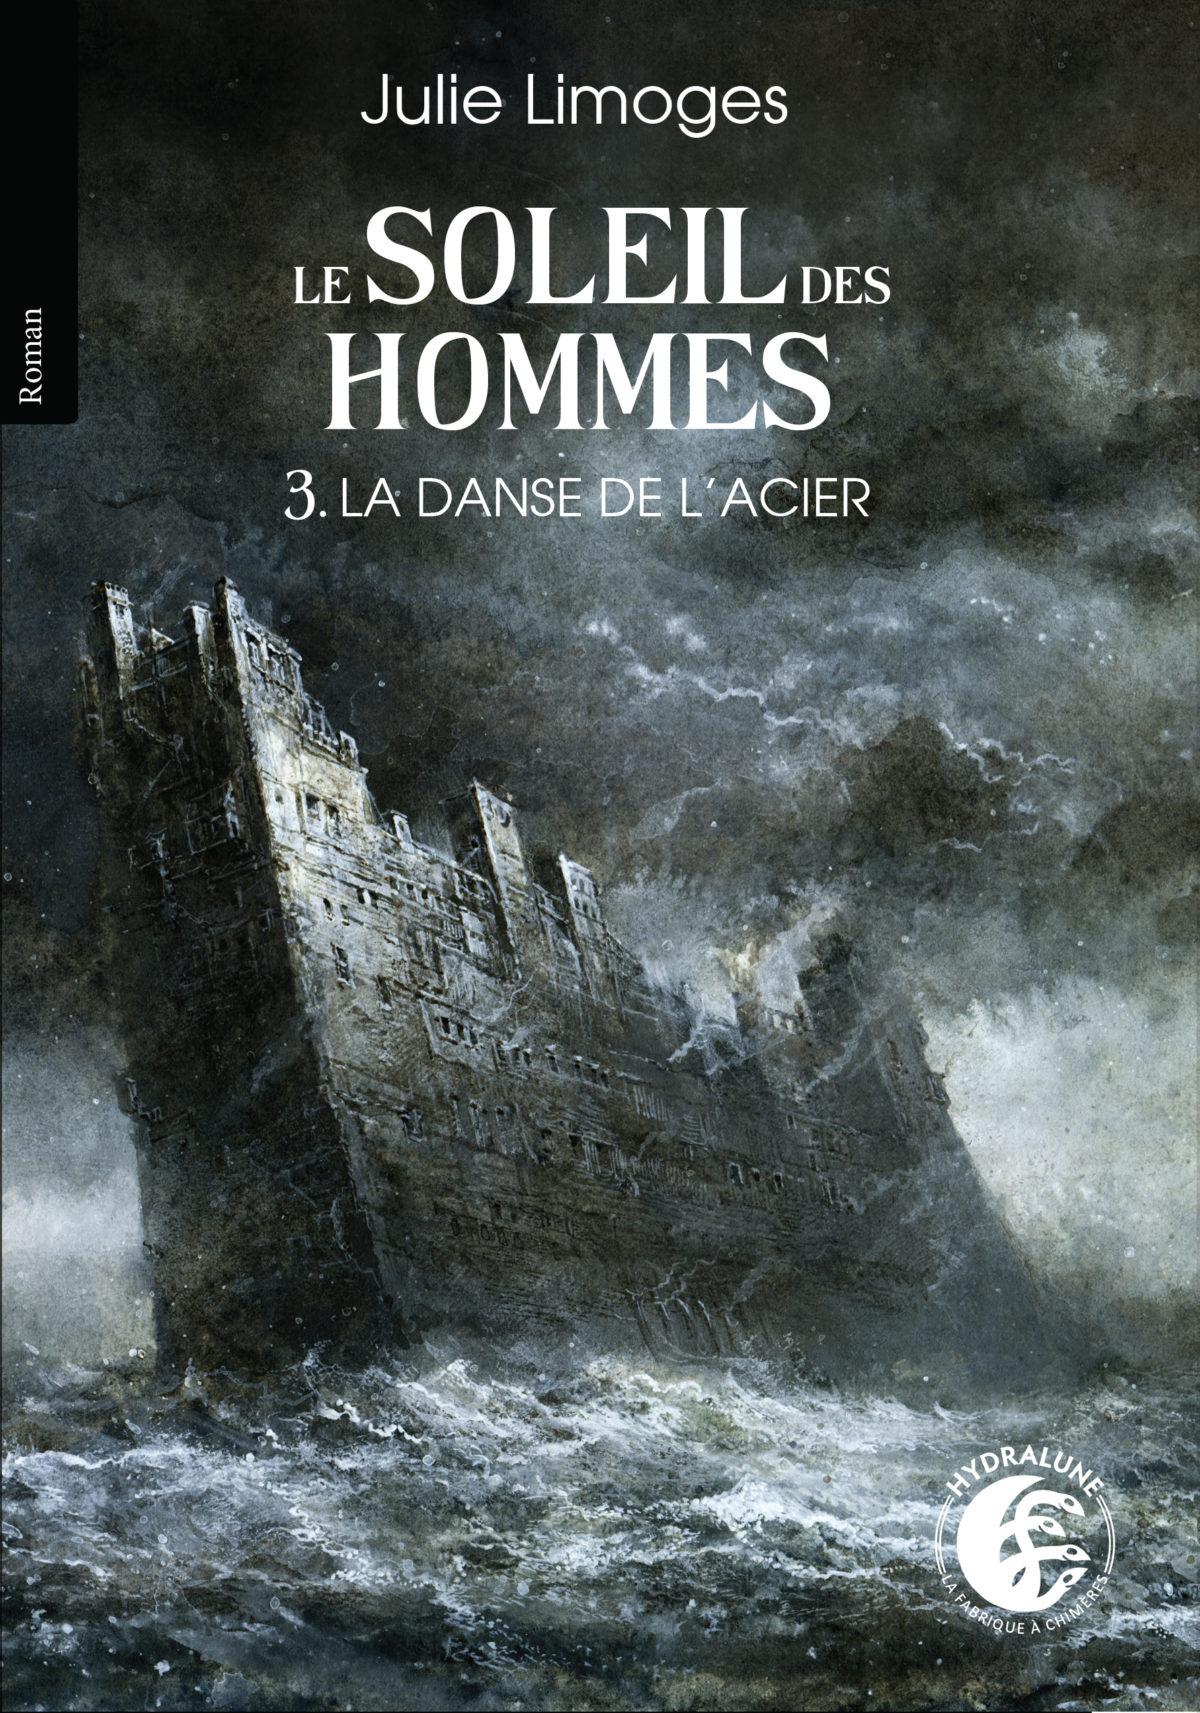 Sortie de La Danse de l'acier (papier), de Julie Limoges